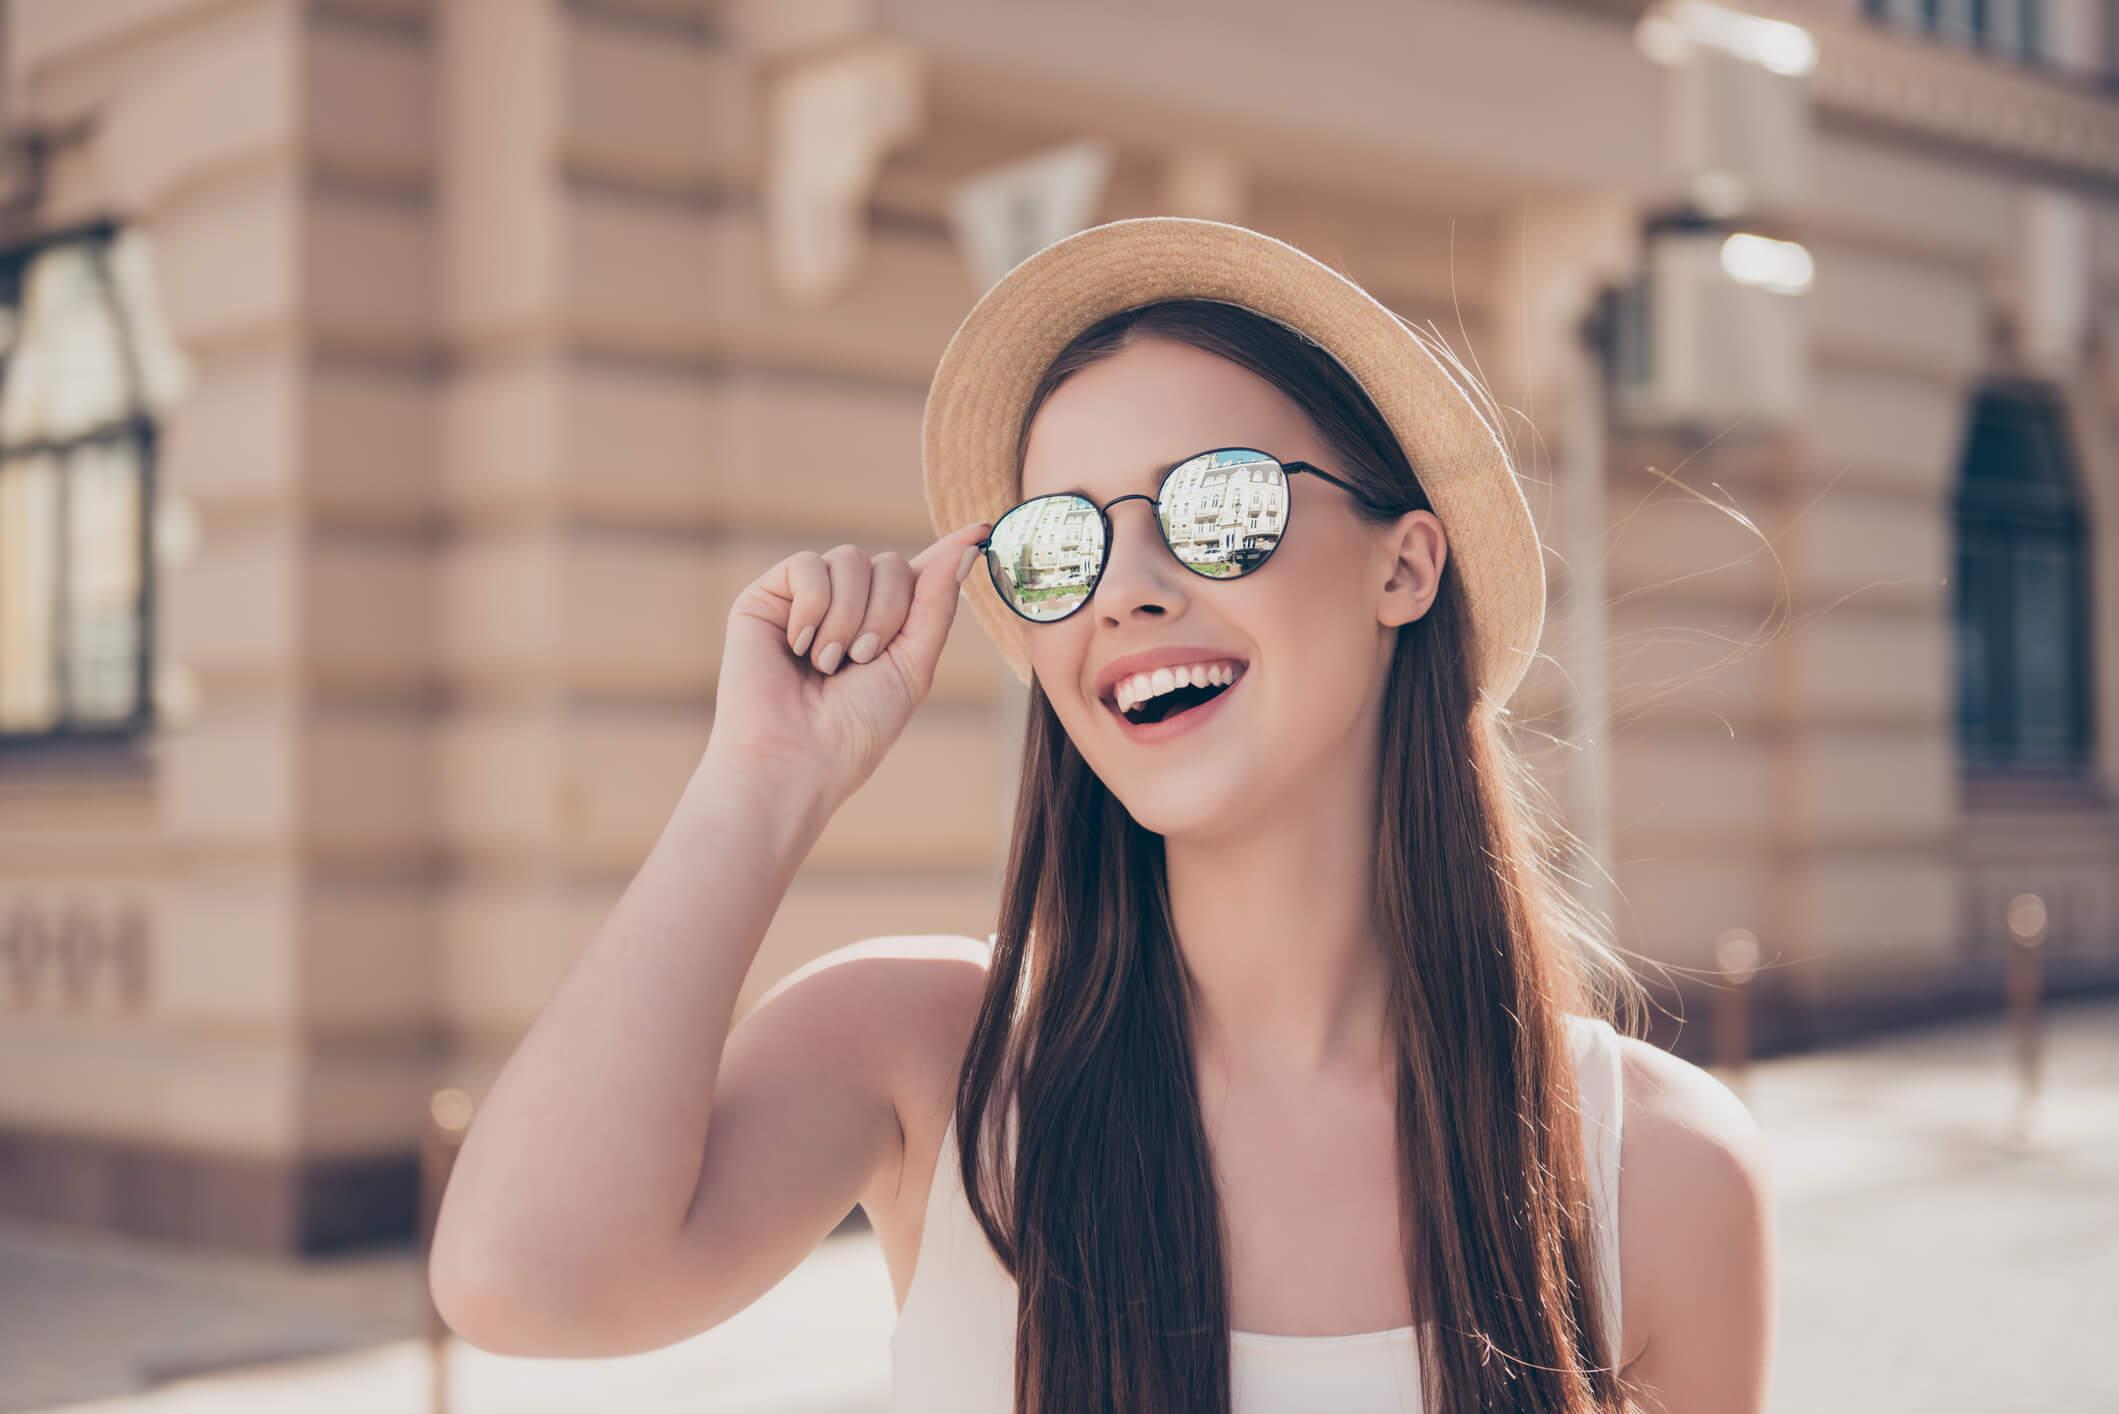 Quais os tipos de óculos certos para cada formato de rosto  Confira aqui! -  Maurikatu badef3ac8a